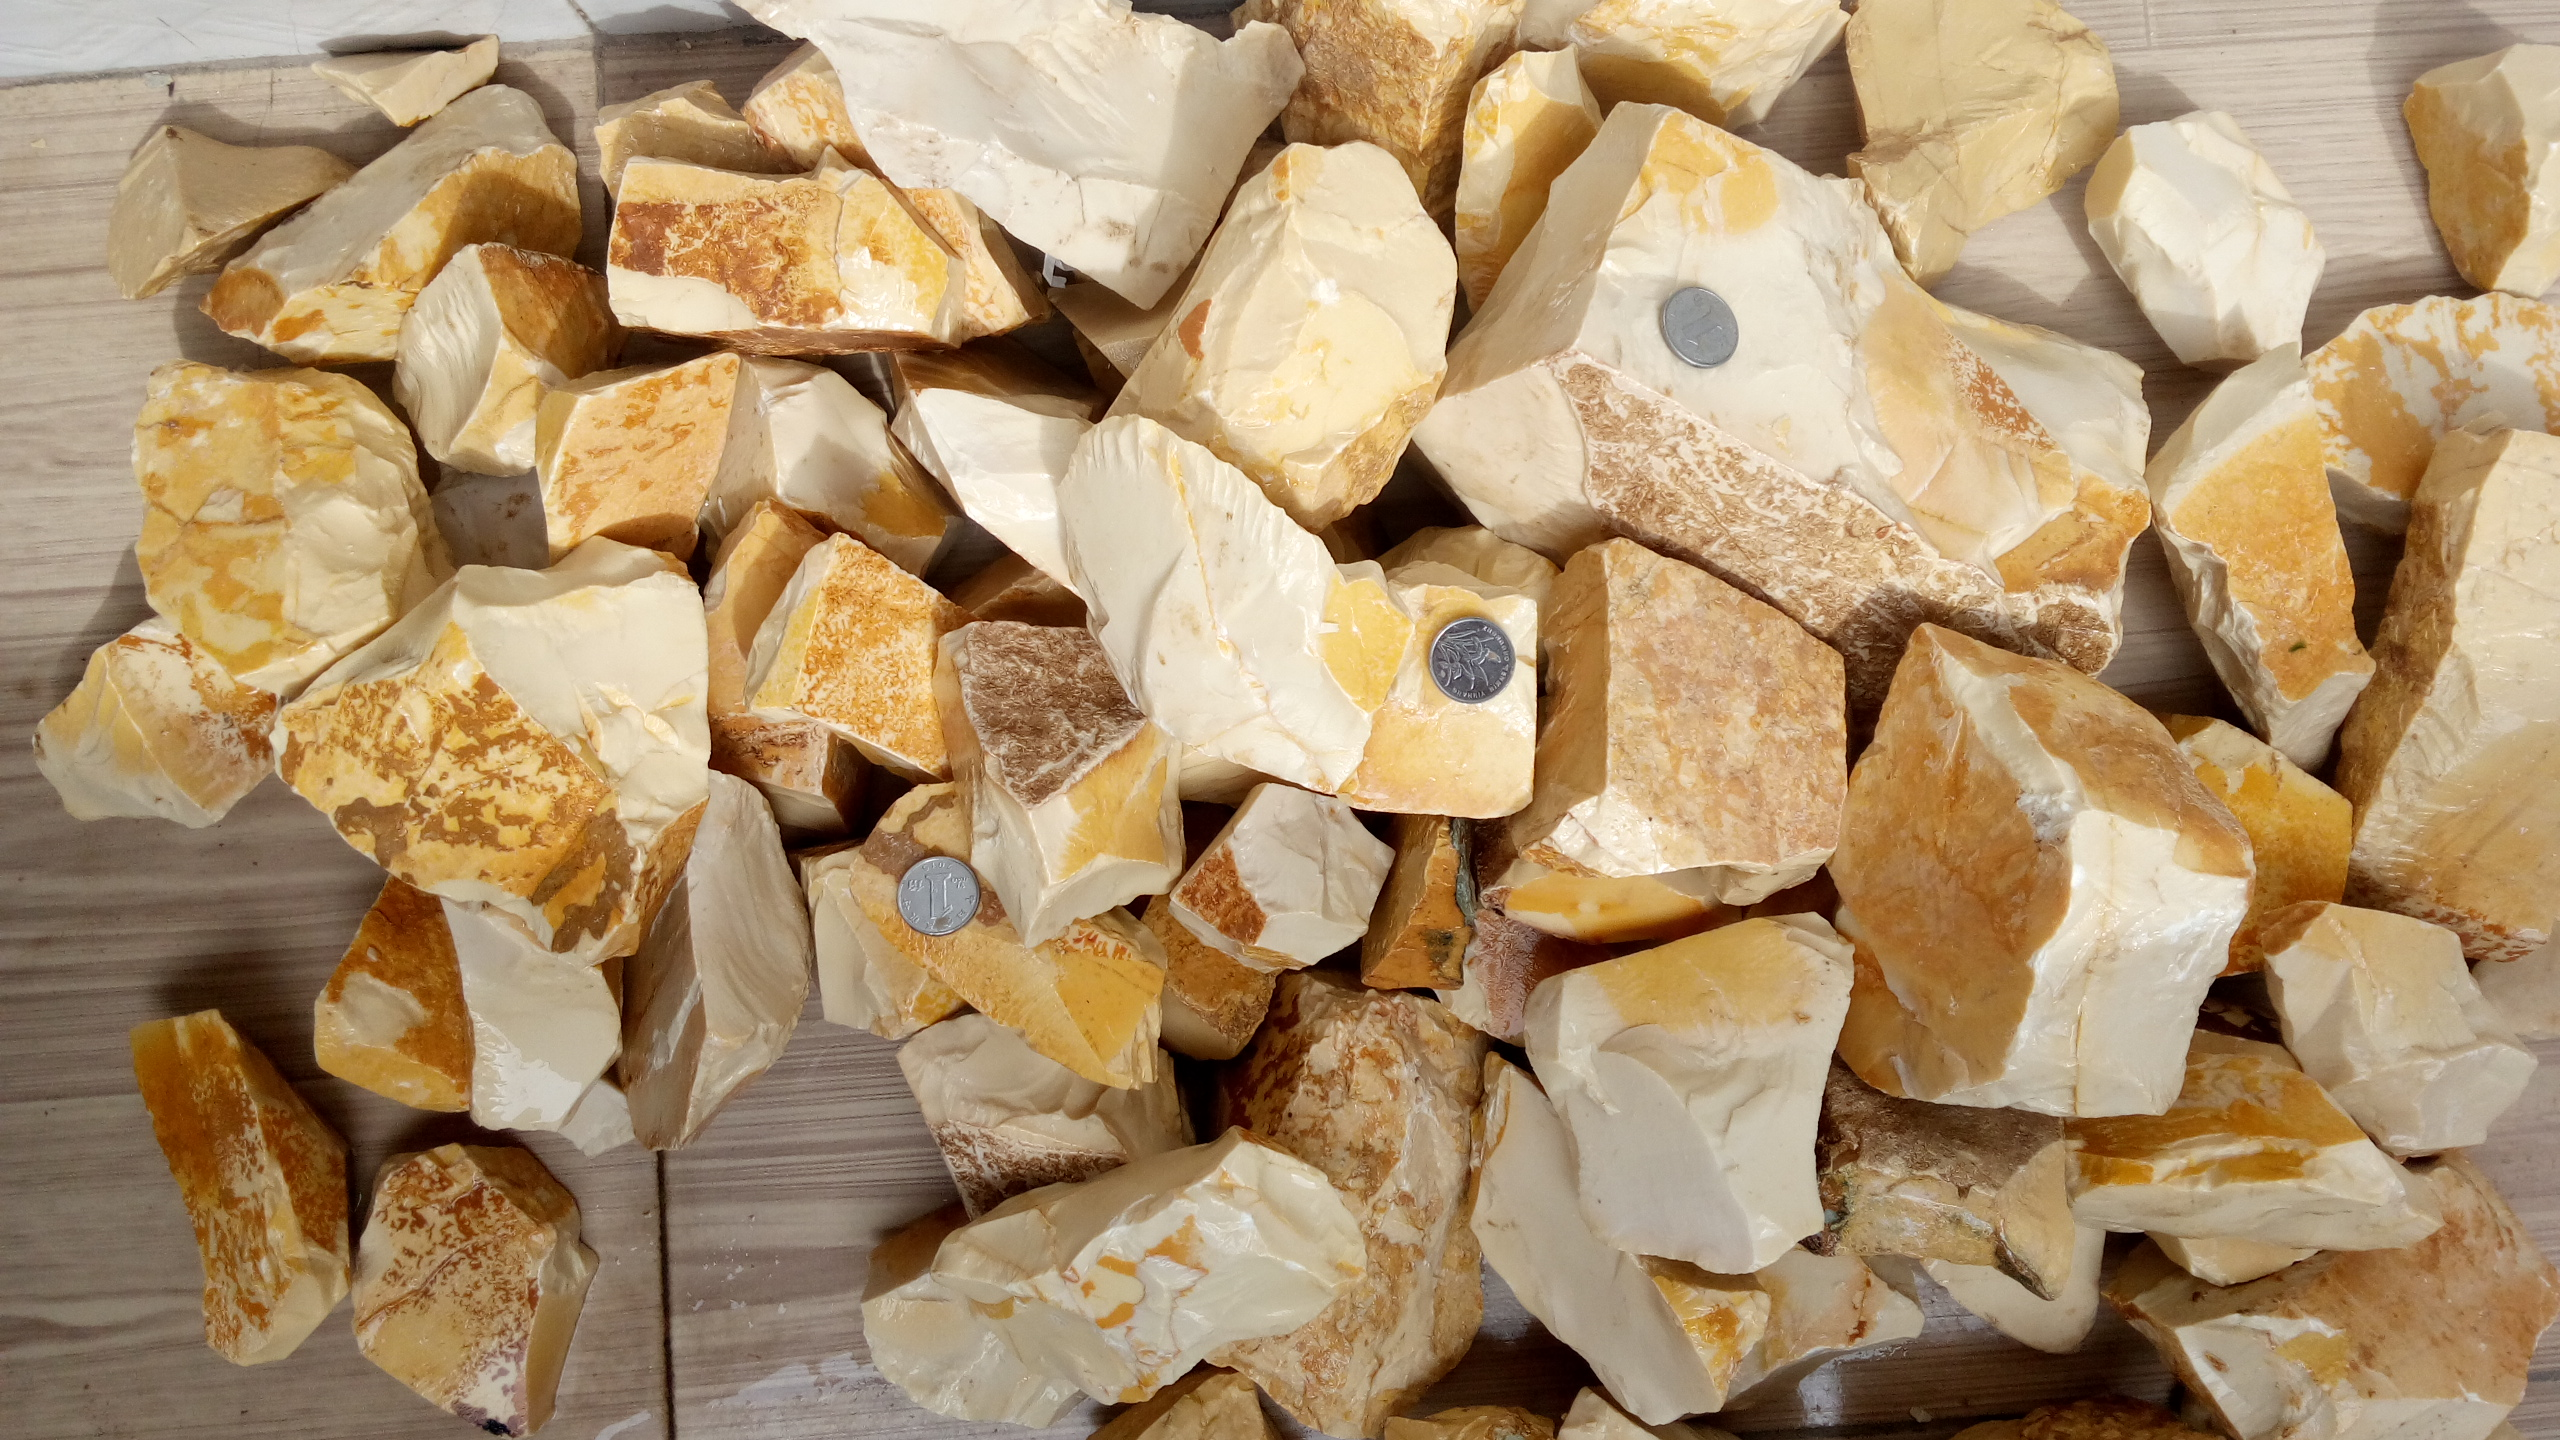 Украшения на шею Золото крем добычи нефрита сырья продажу валюты фиолетовый Моховой агат с минеральной необработанных естественный и красивый цвет кристаллов